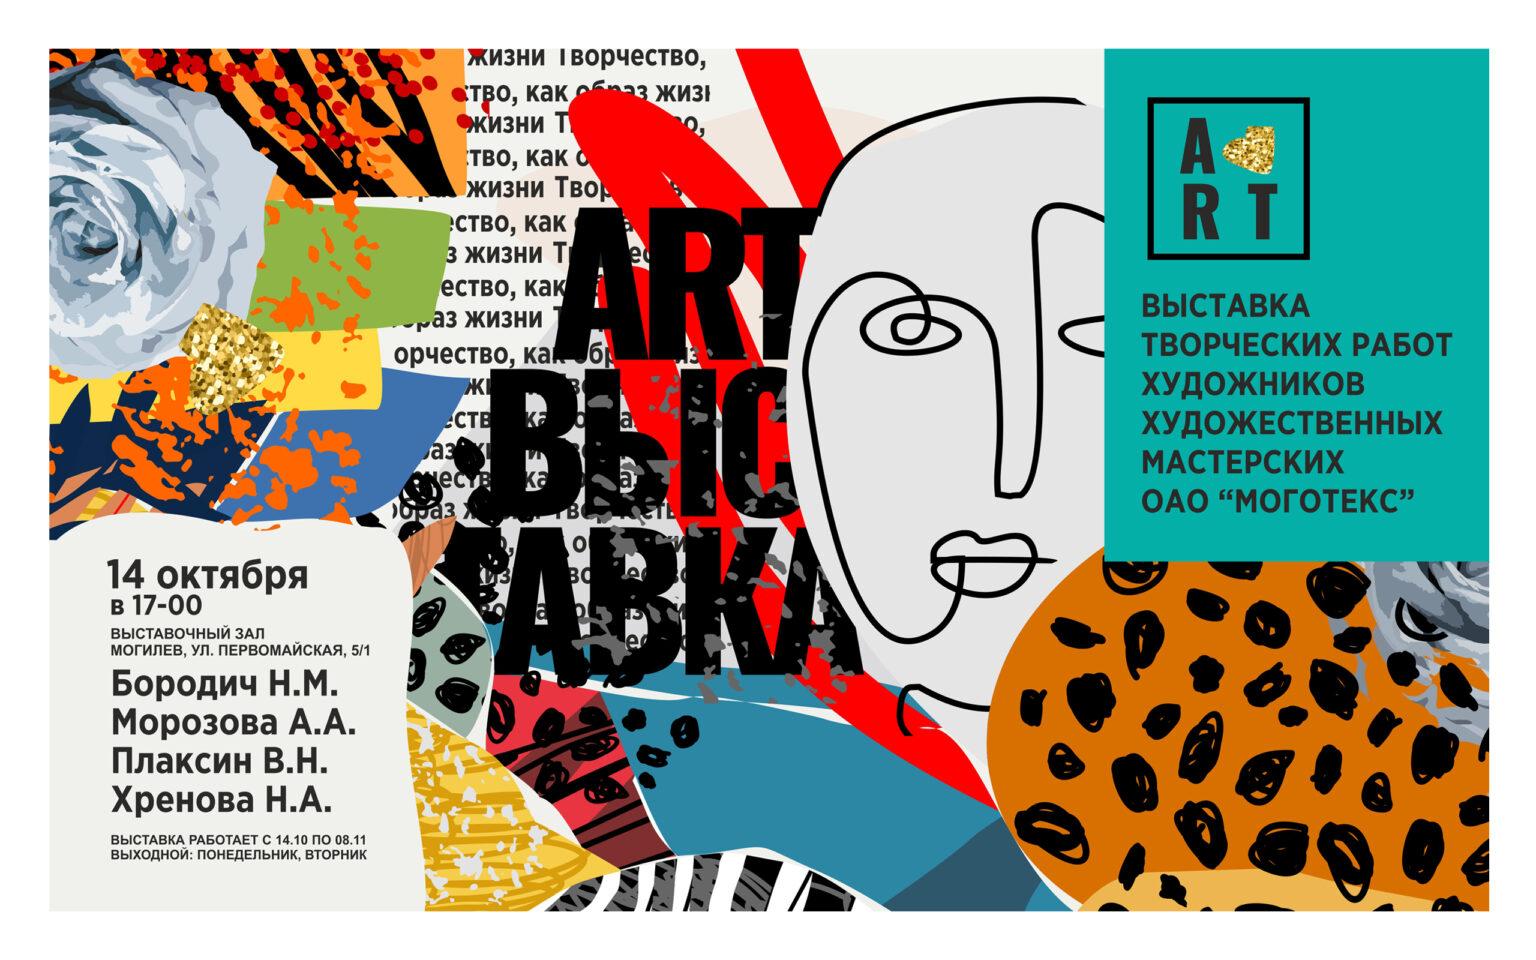 Выставка творческих работ художников мастерских «Моготекса» готовится коткрытию вМогилеве